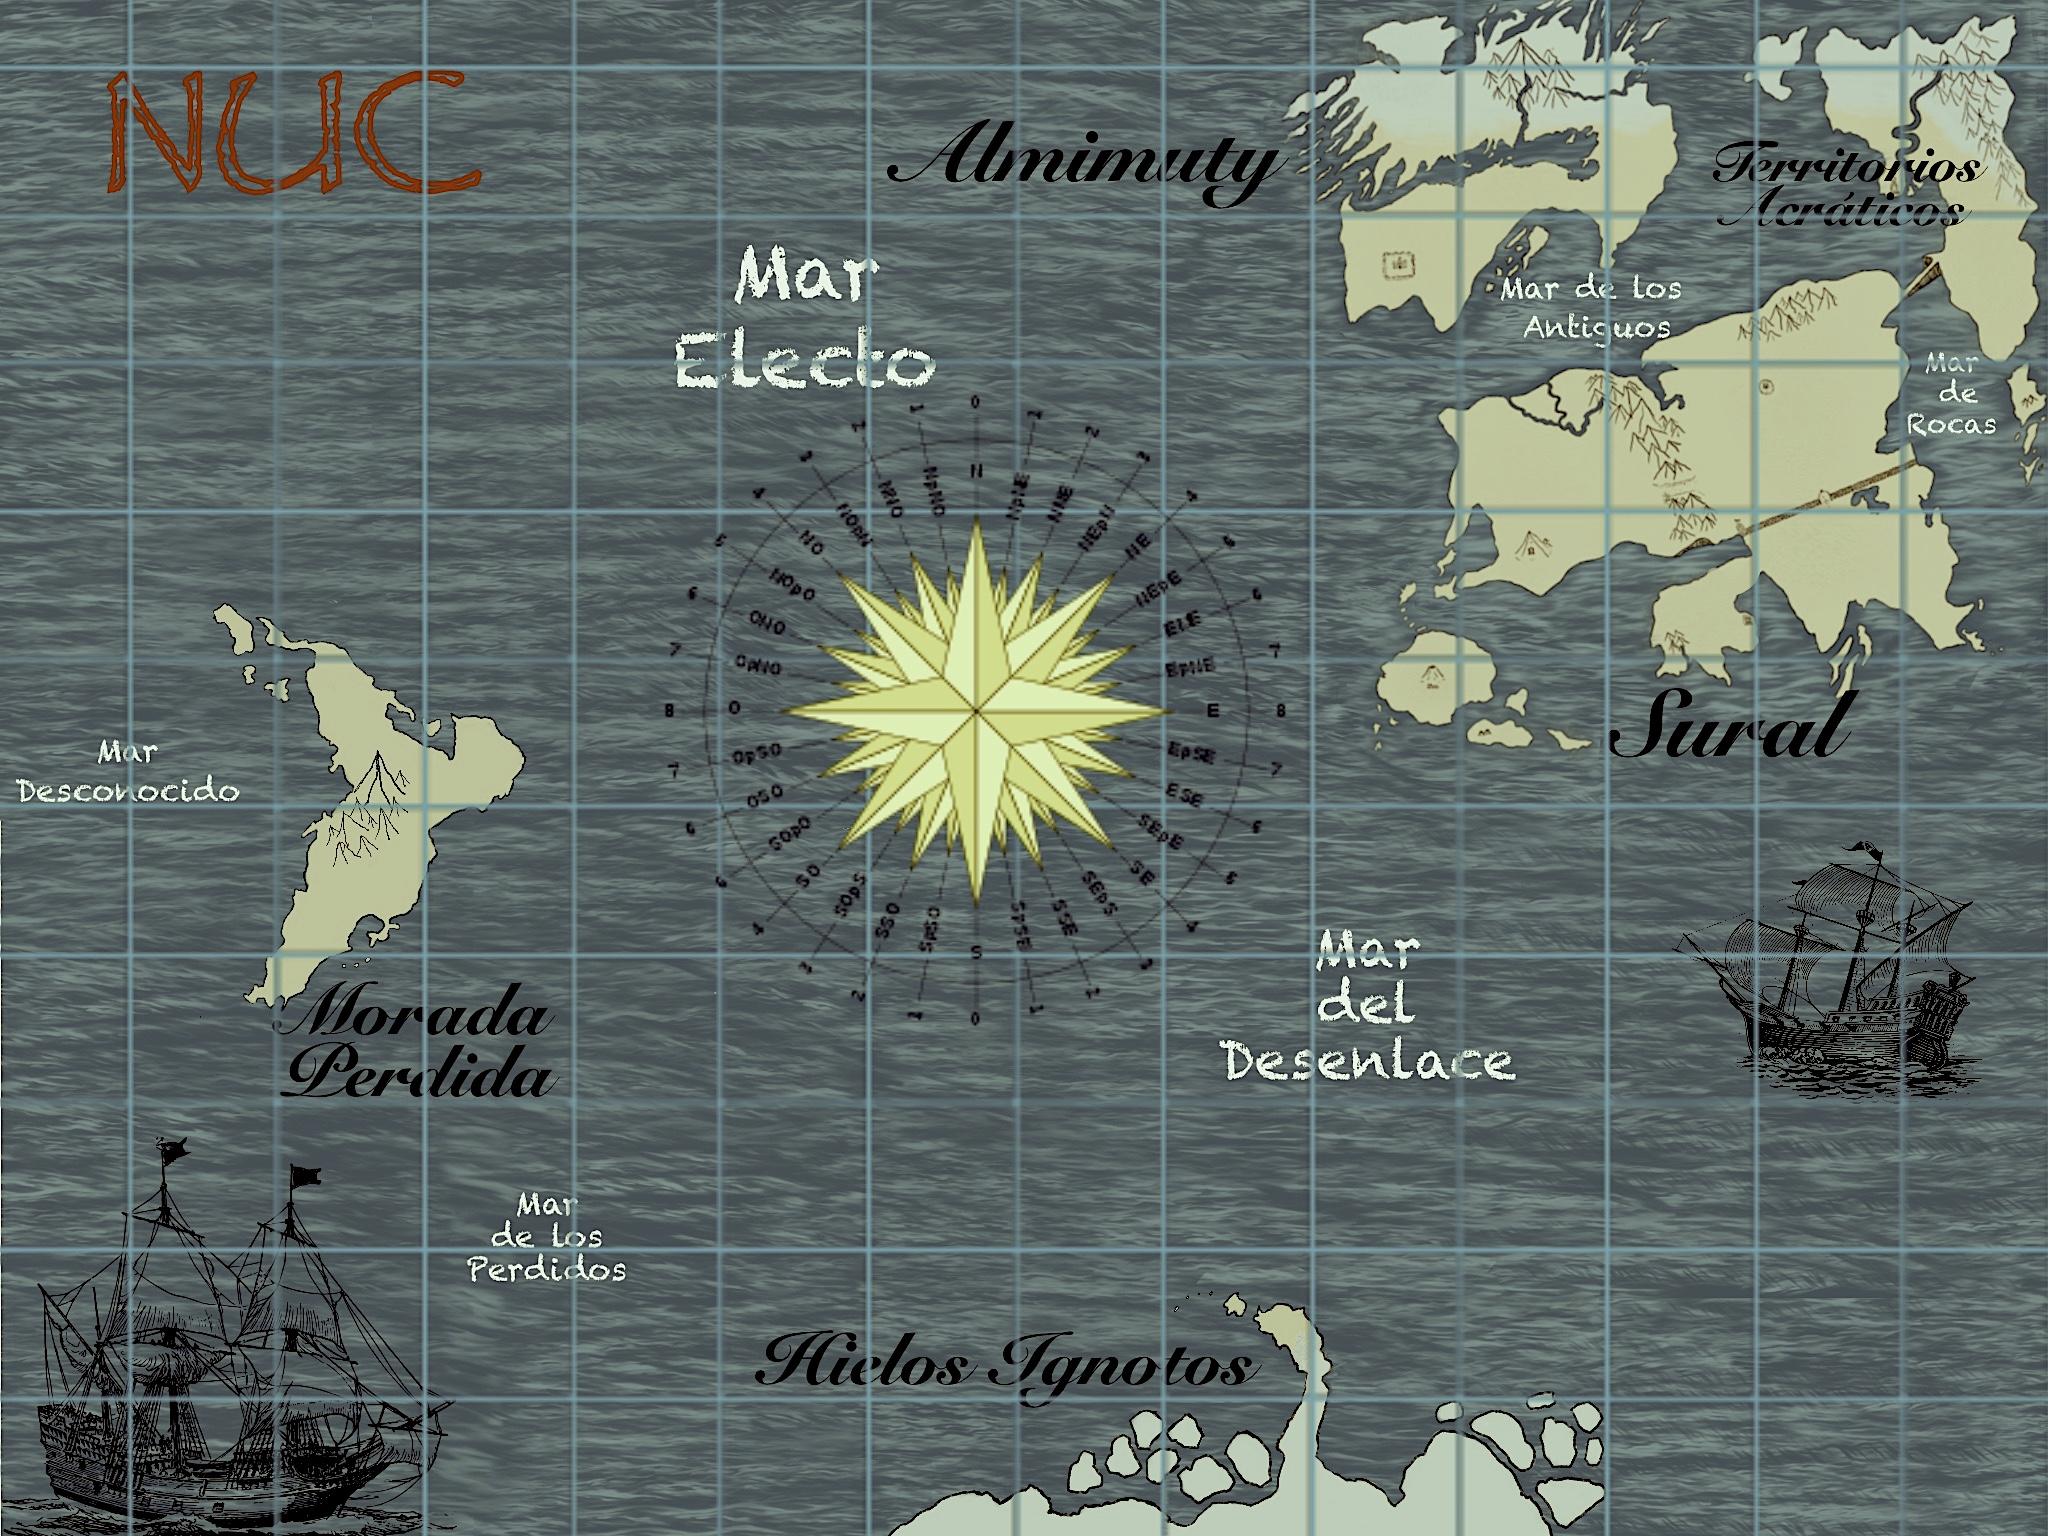 [Imagen: Mapa_Mundi_Nuc_Cuadricula.jpg]